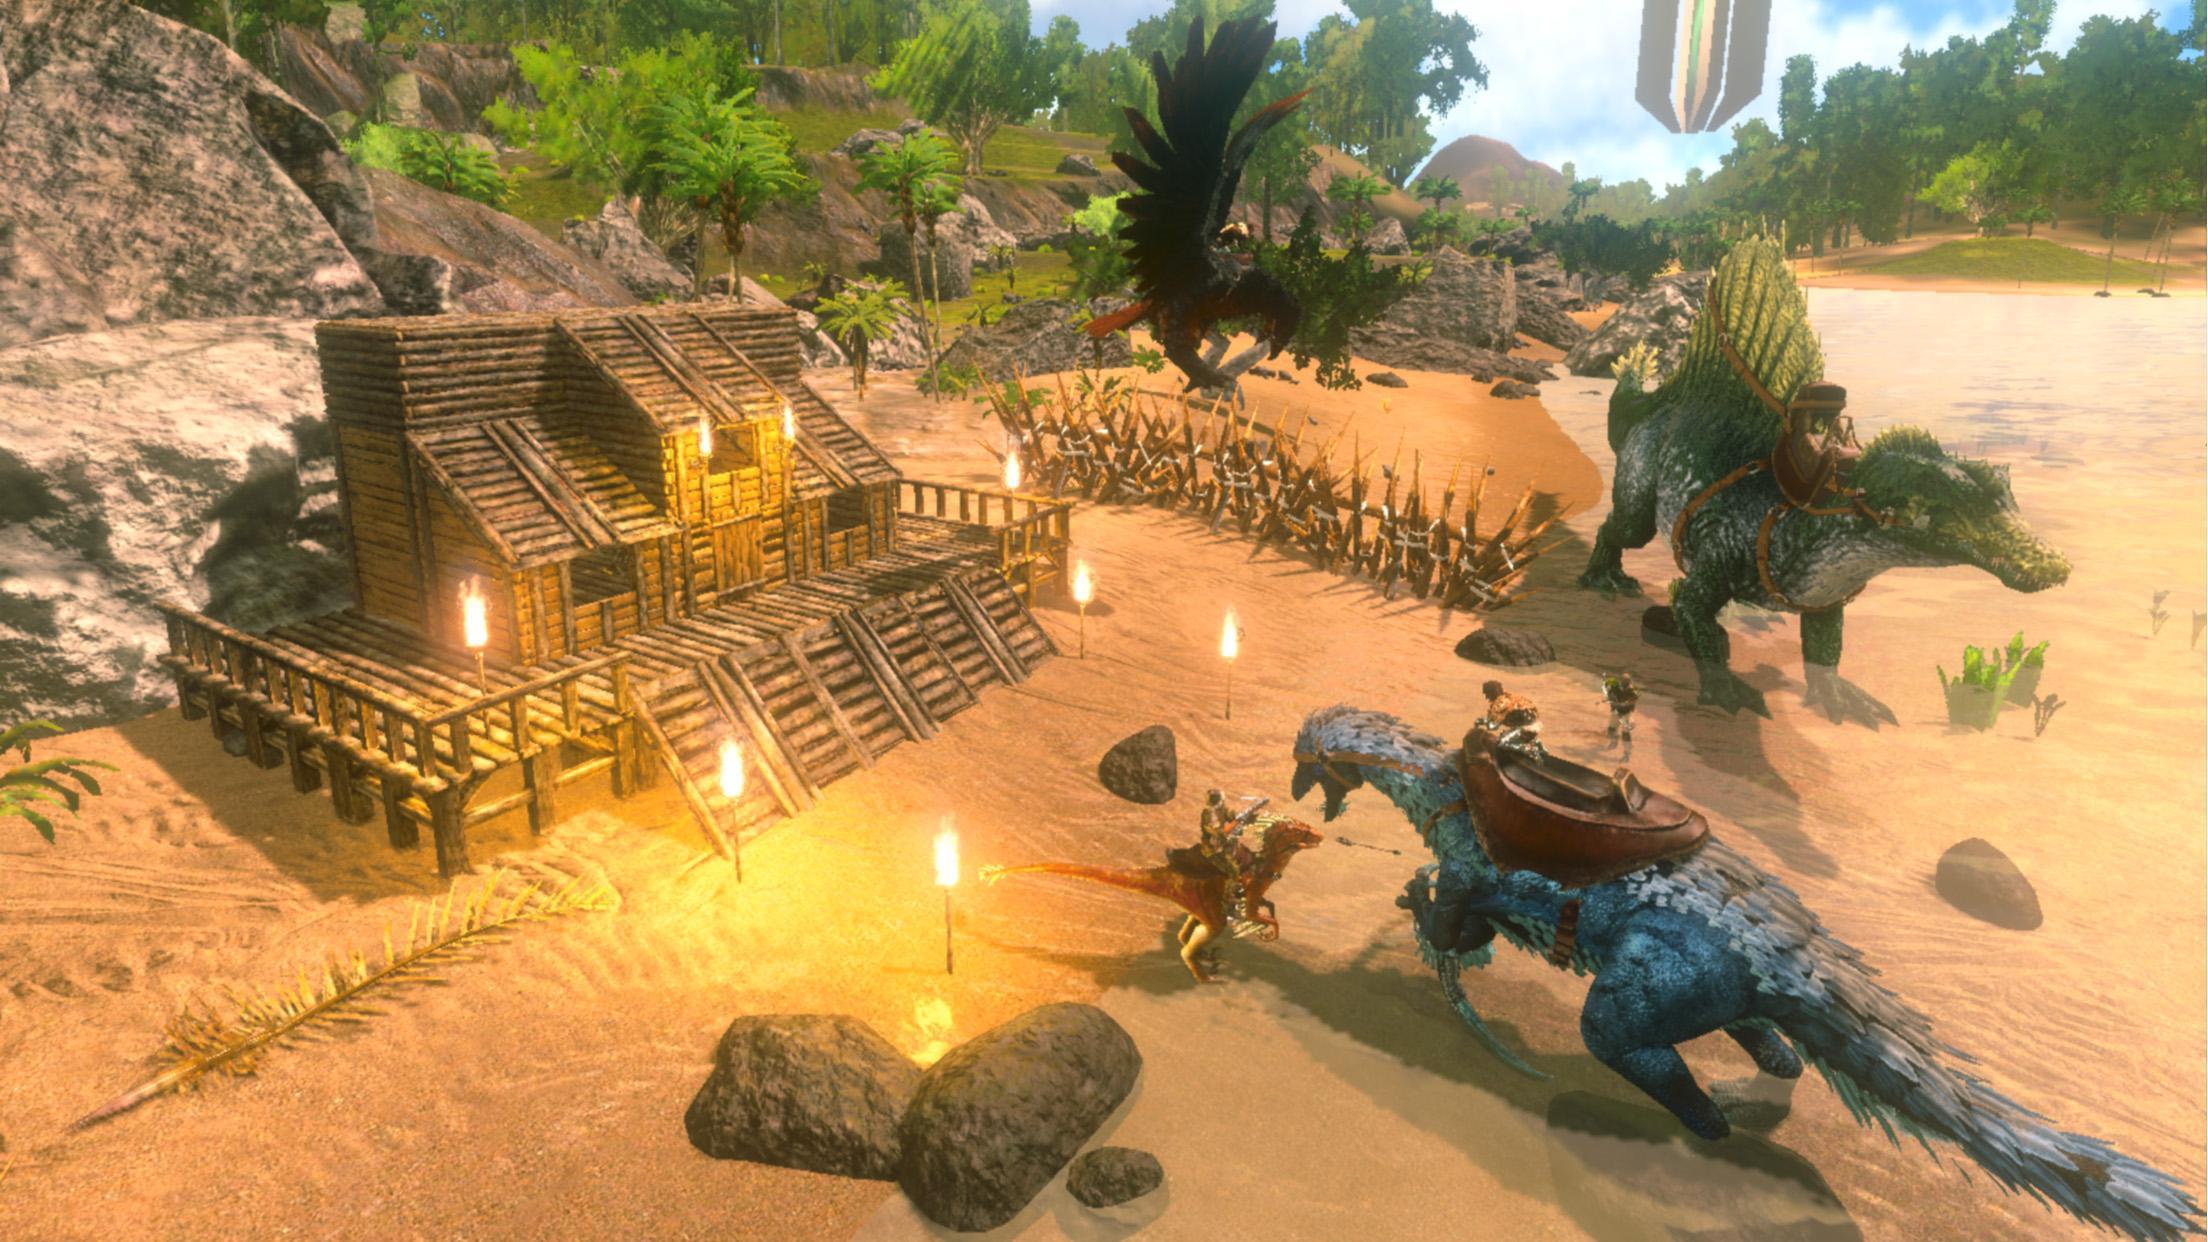 Hasil gambar untuk gambar game android ark survival evolved